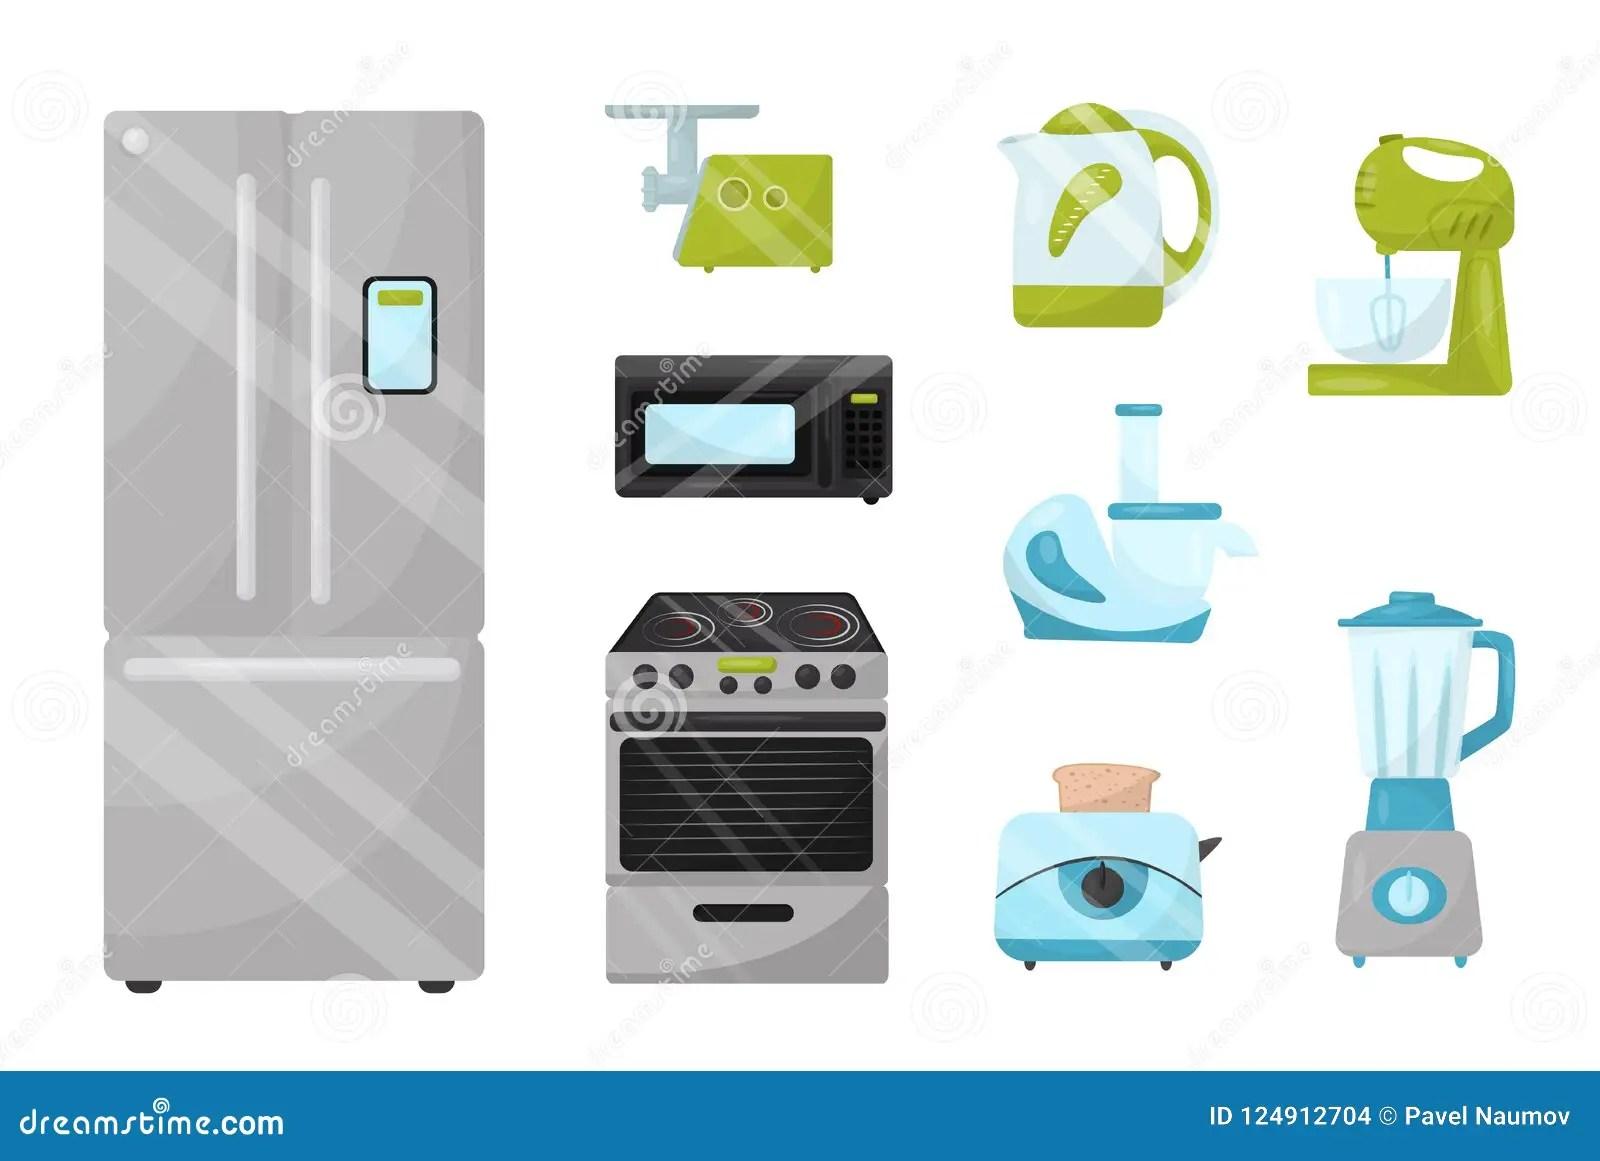 home and kitchen stores outdoor table 平的传染媒介套厨房电子装置家庭项目给的土产货物商店做广告海报元素向量 平的传染媒介套厨房电子装置家庭项目给的土产货物商店做